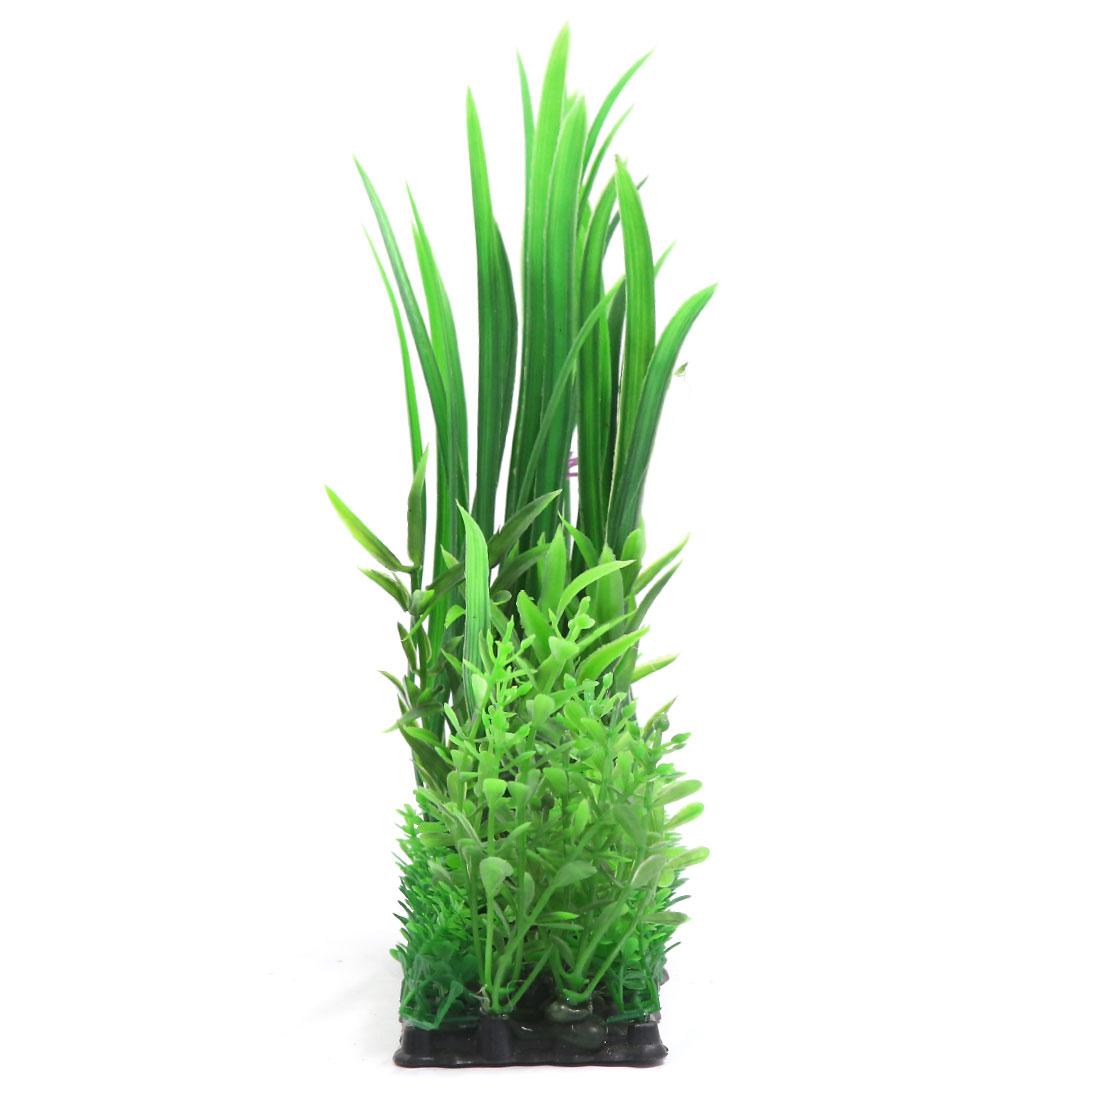 Vert Plante en plastique Décor d'aquarium pour Betta Poisson rouge 2